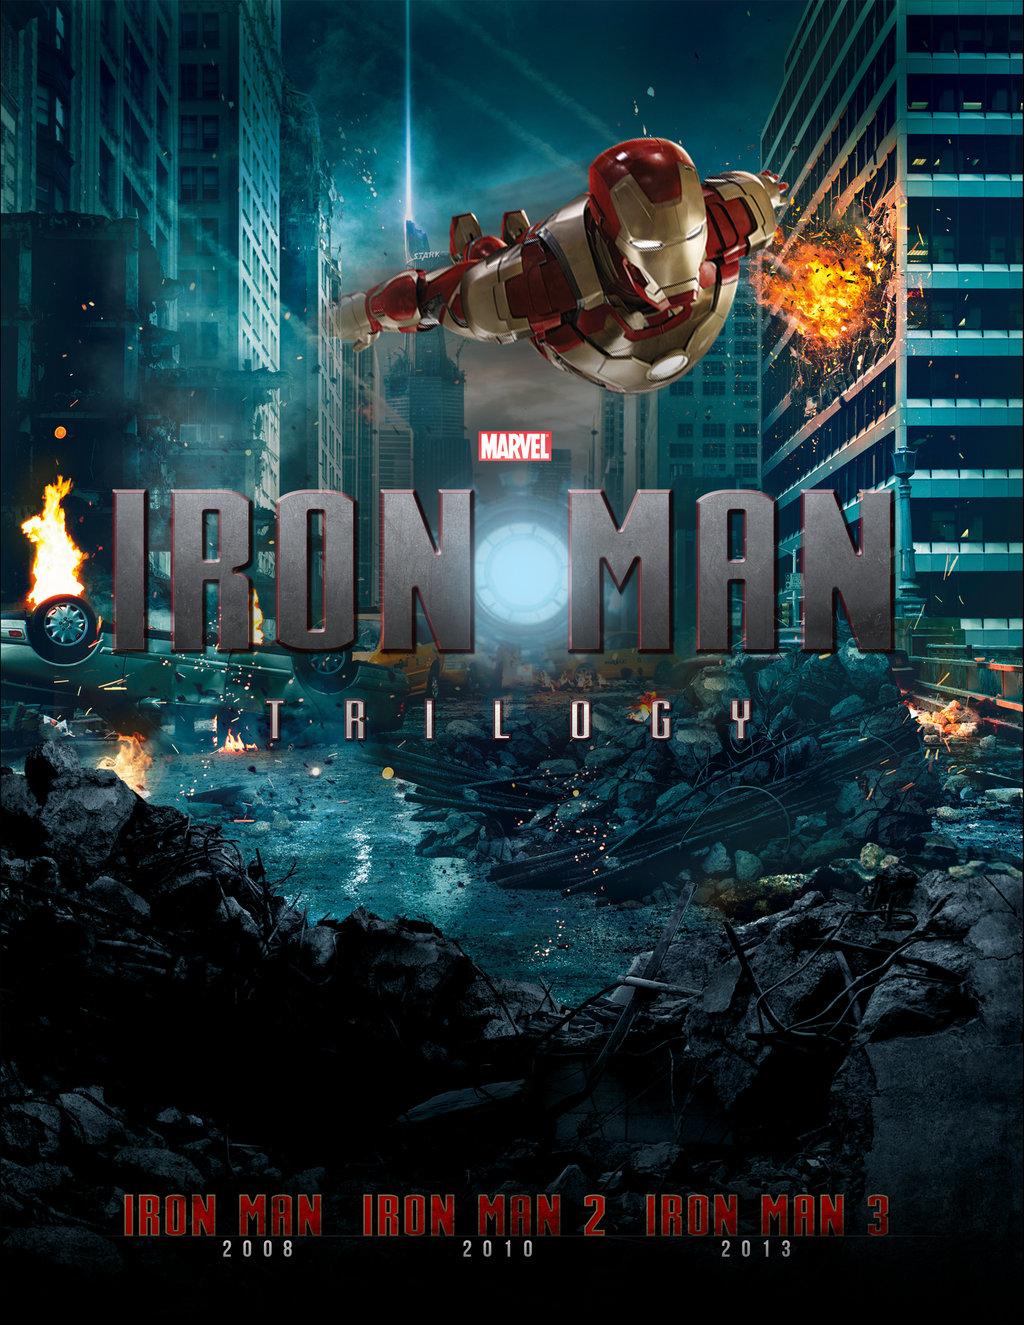 Железный человек: Трилогия - Iron Man- Trilogy